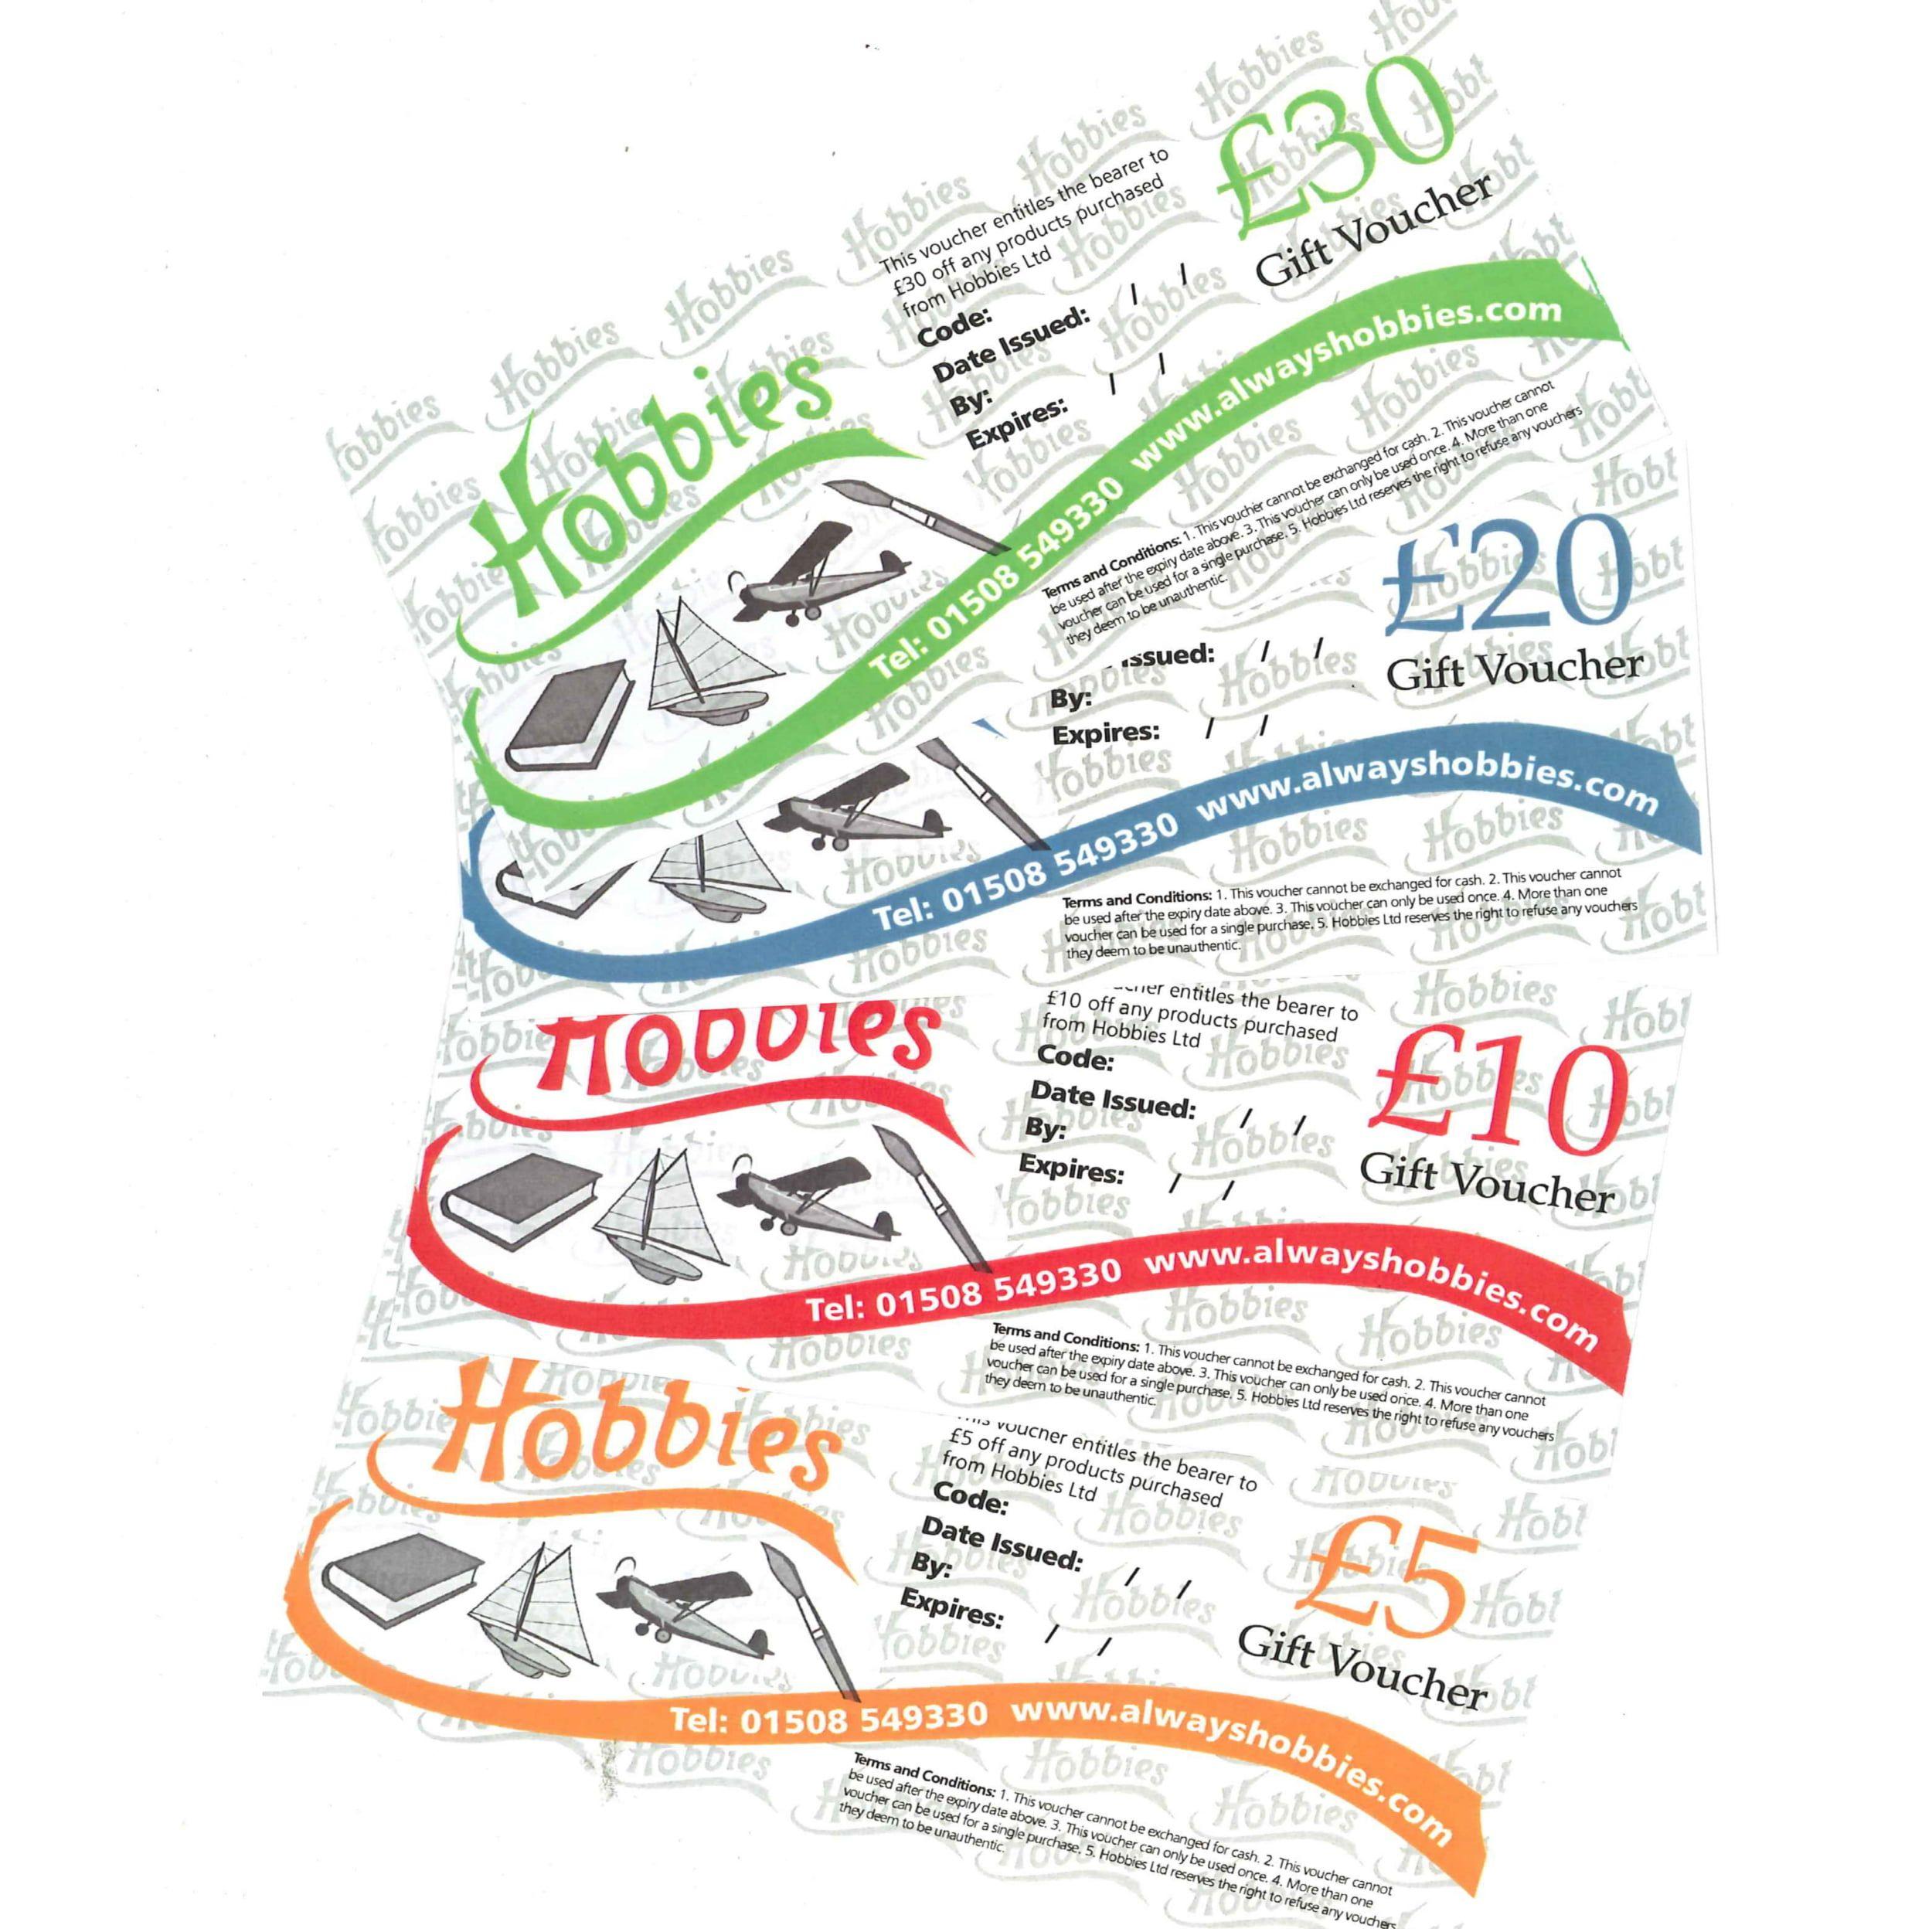 Hobbies Gift Vouchers - £5